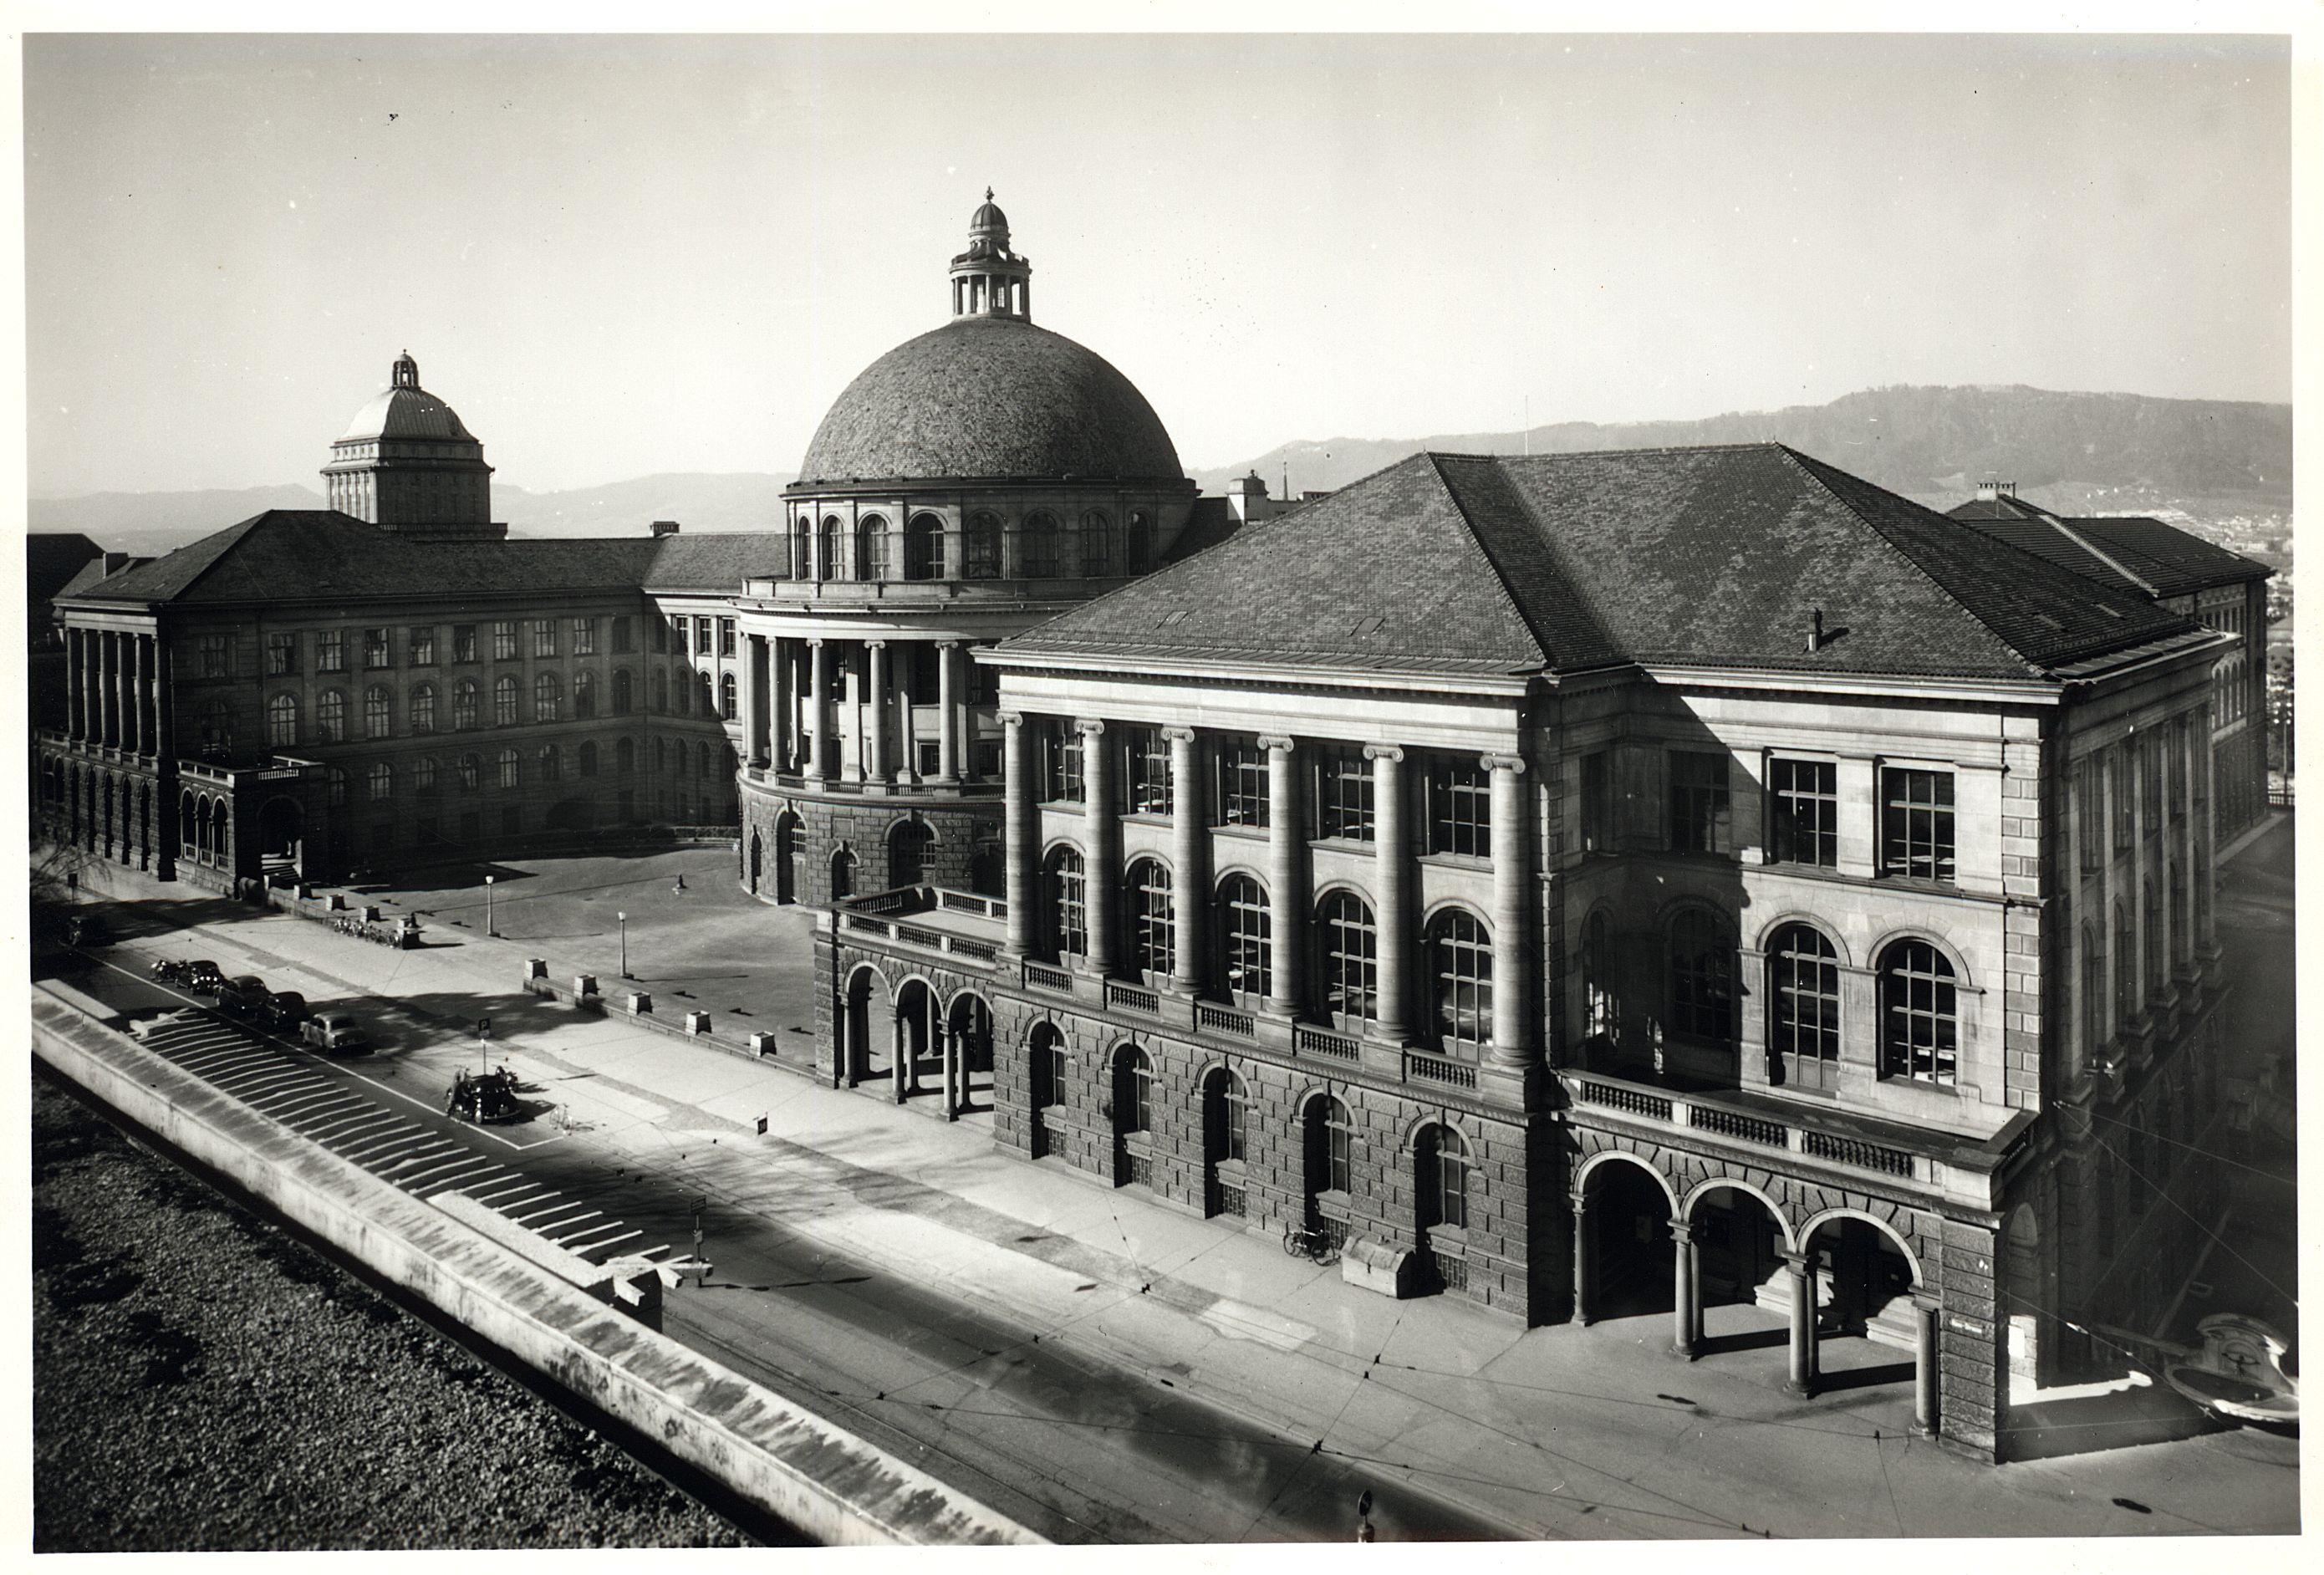 ETH Zürich, im Hintergrund die Universität. (ETH-Bibliothek Zürich, Bildarchiv)